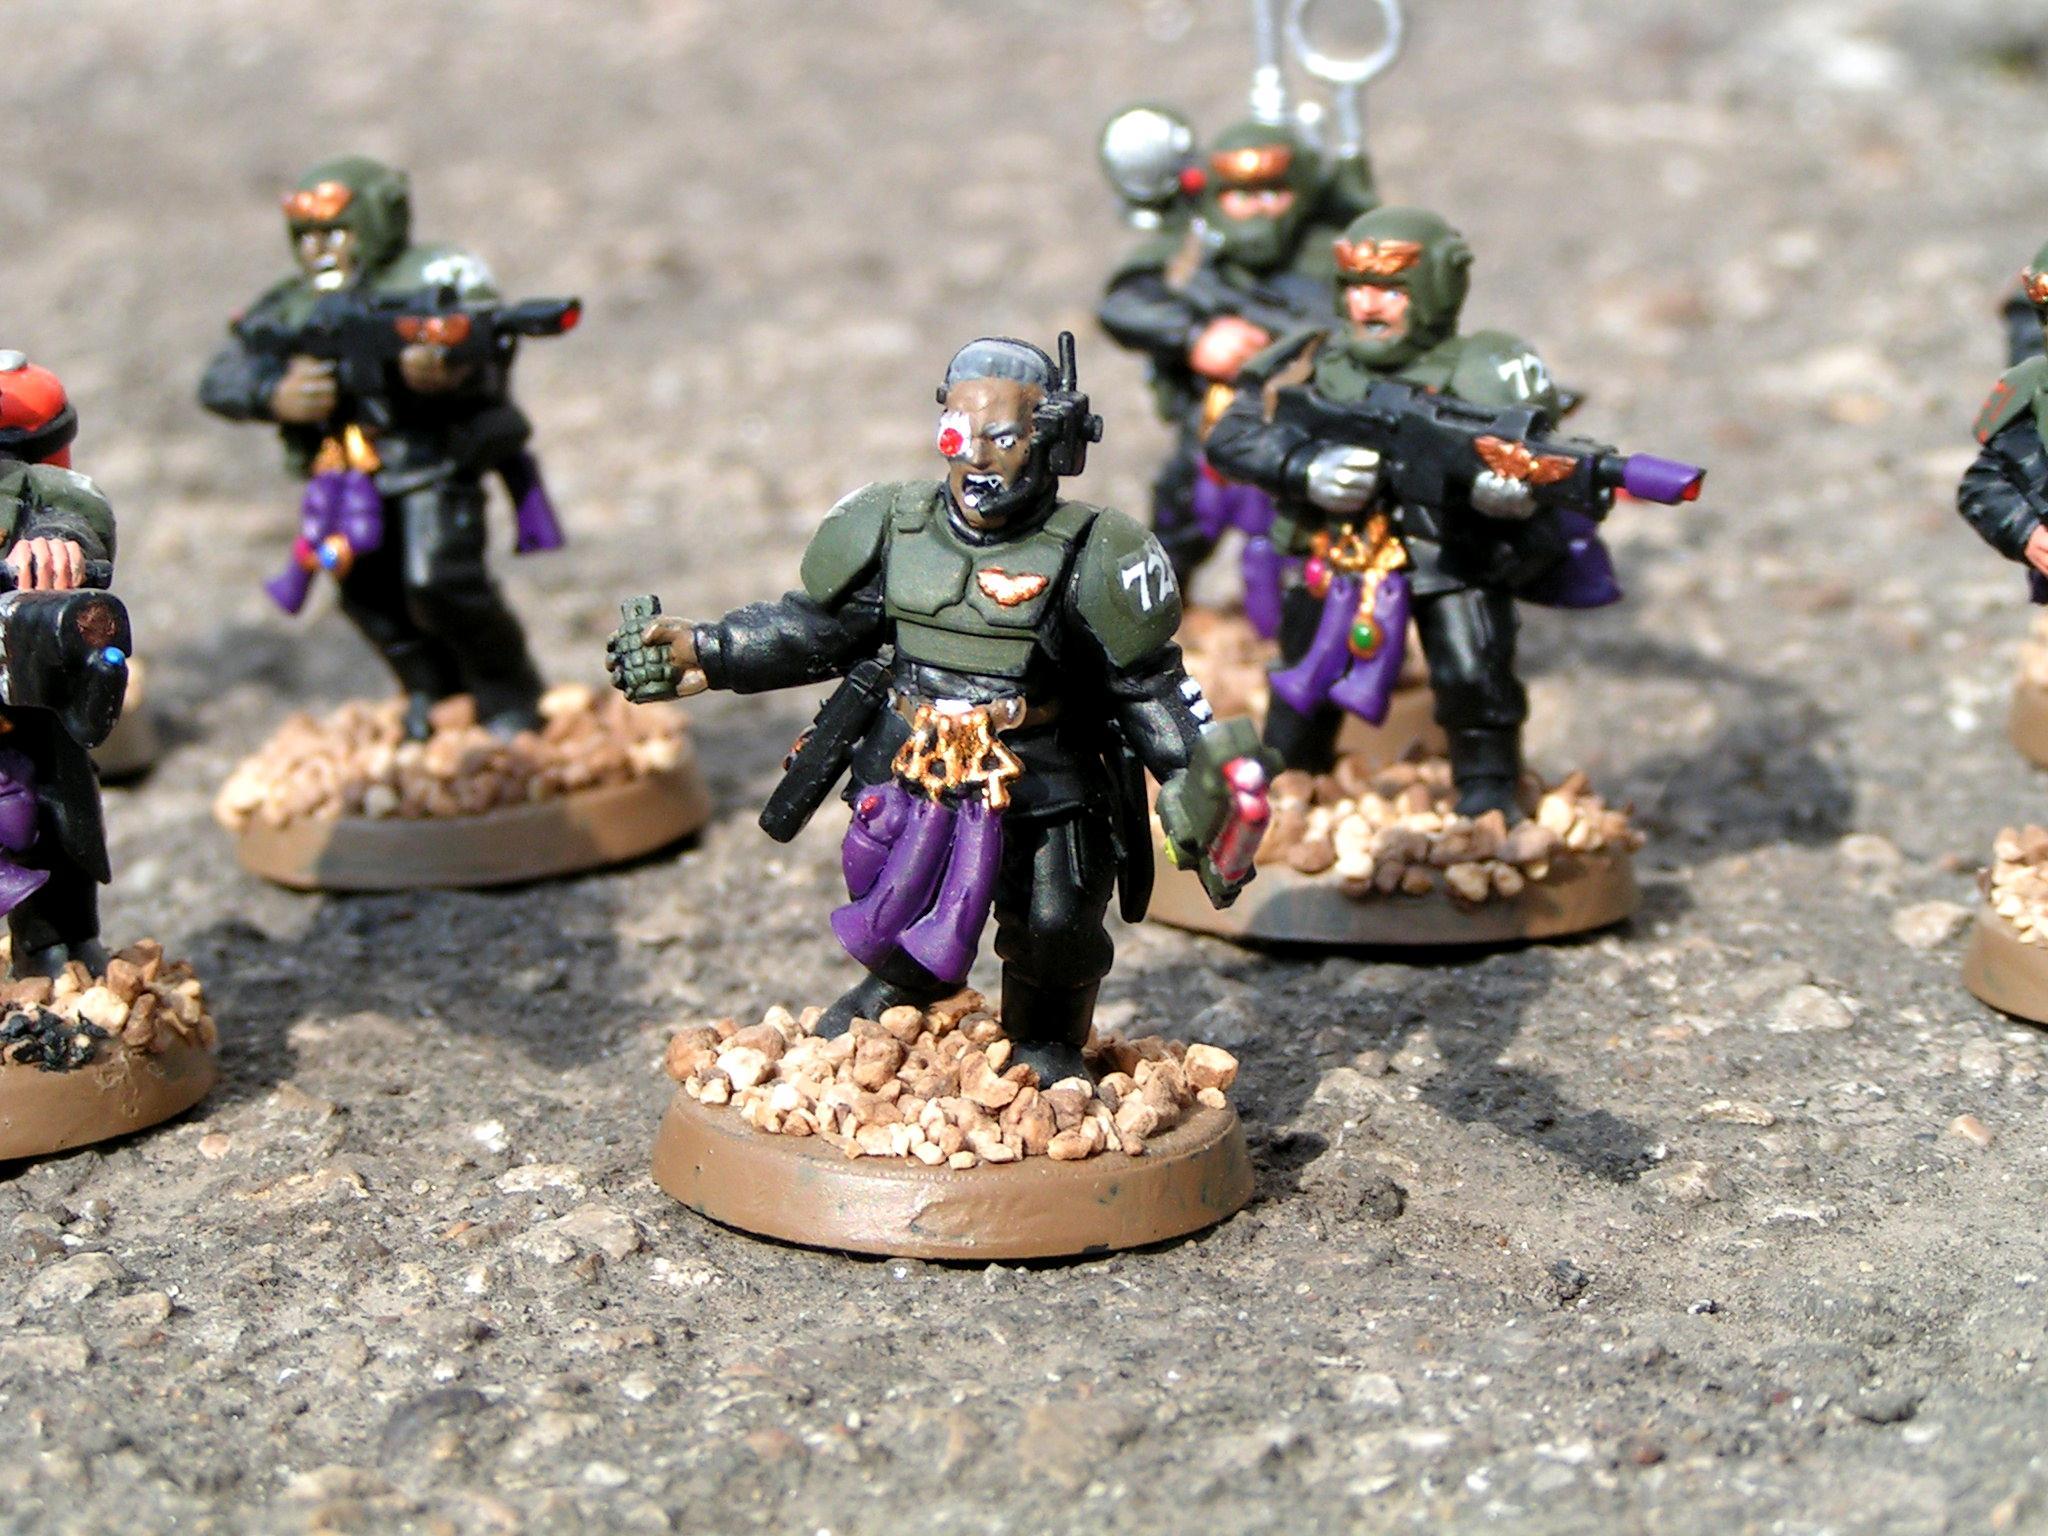 Astra Militarum, Conversion, Eldar, Eldar Abuse, Imperial Guard, Veteran